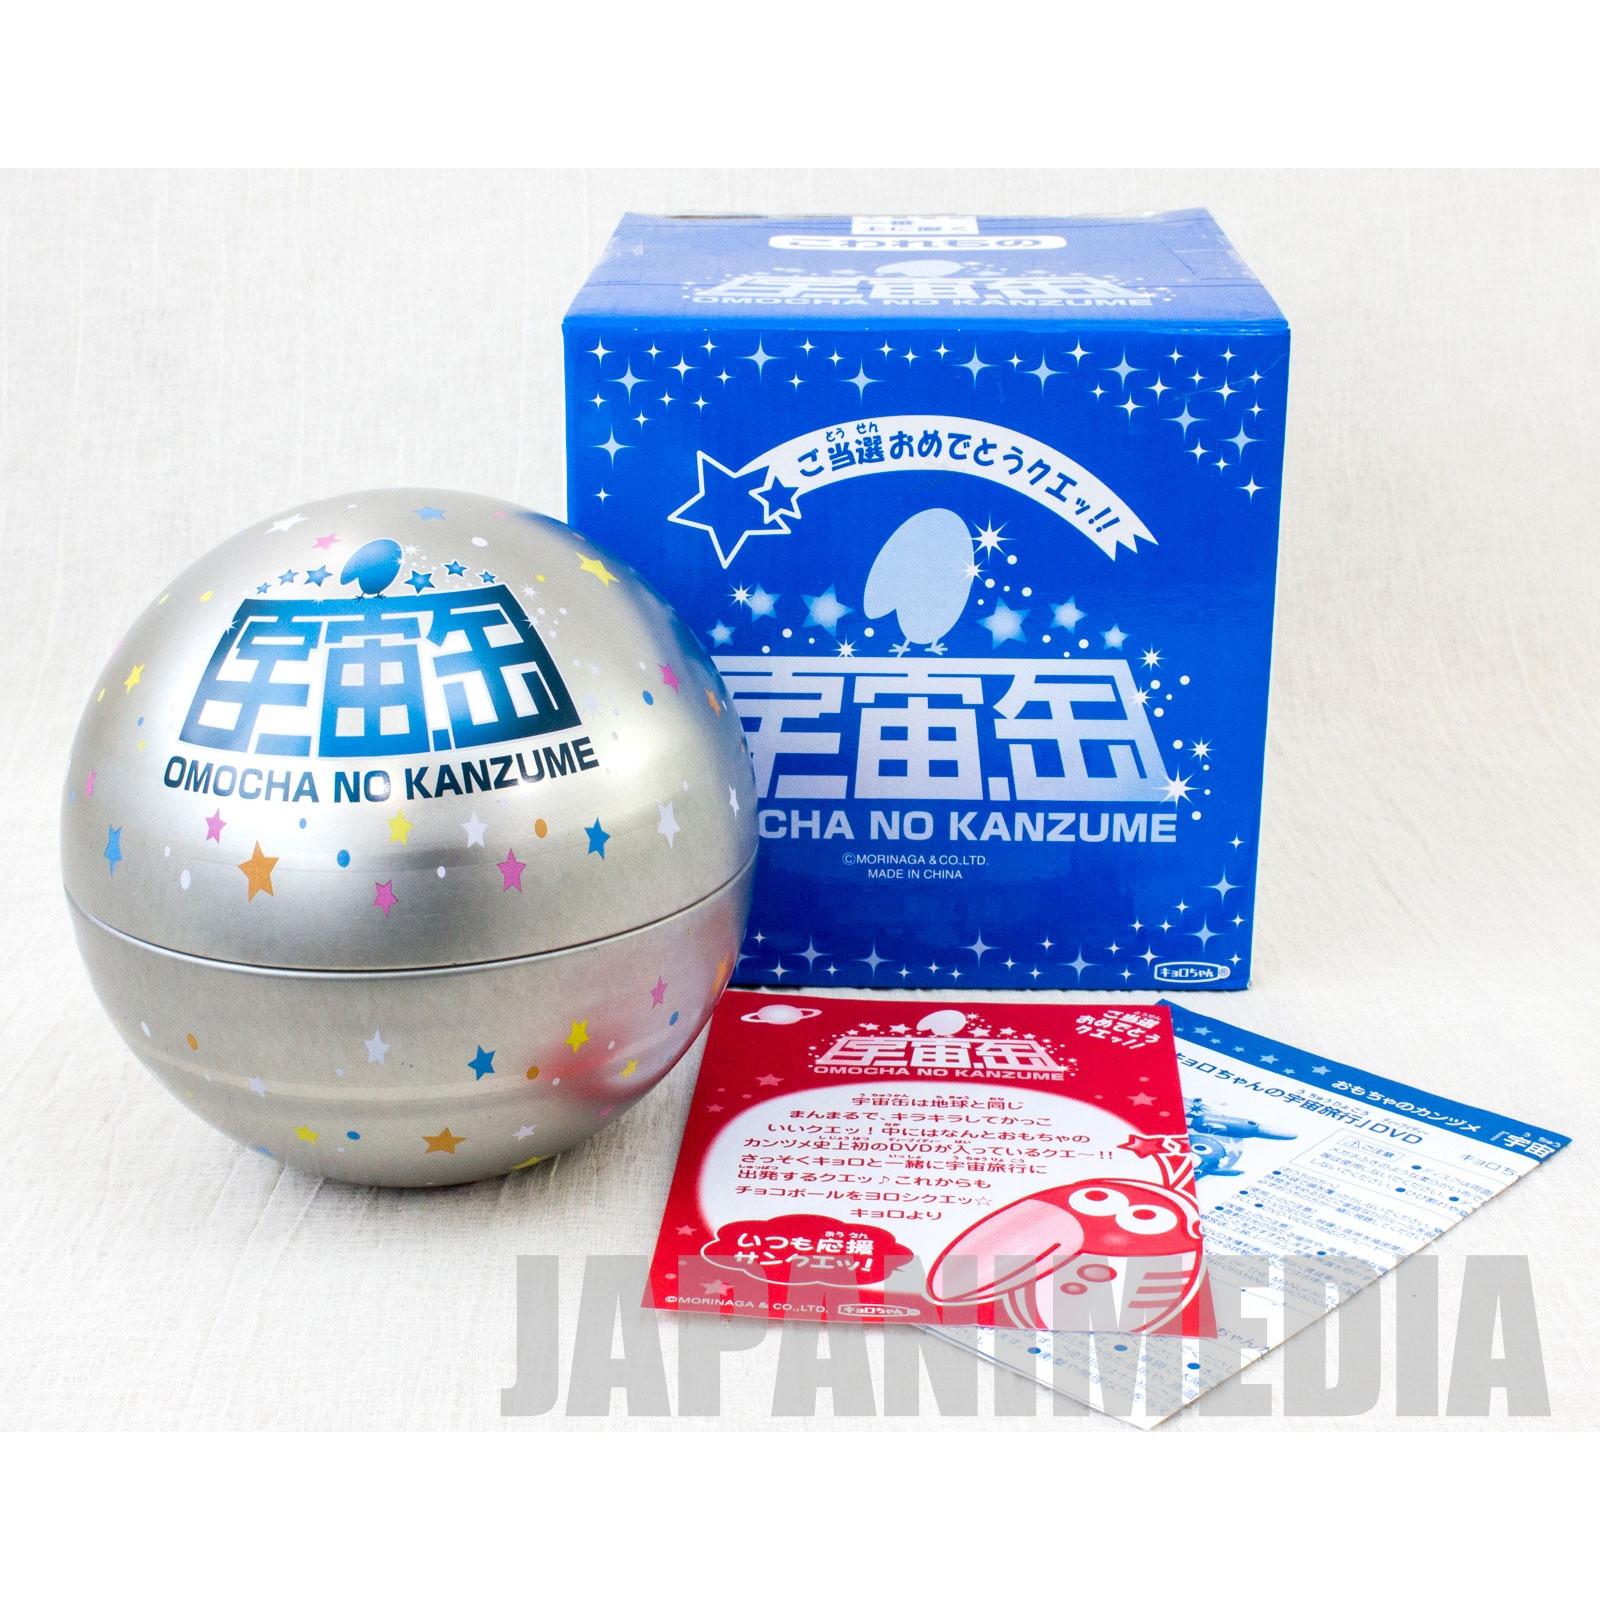 Kyoro-Chan Omocha no Kanzume Toy Can case (Space ver.) Morinaga JAPAN